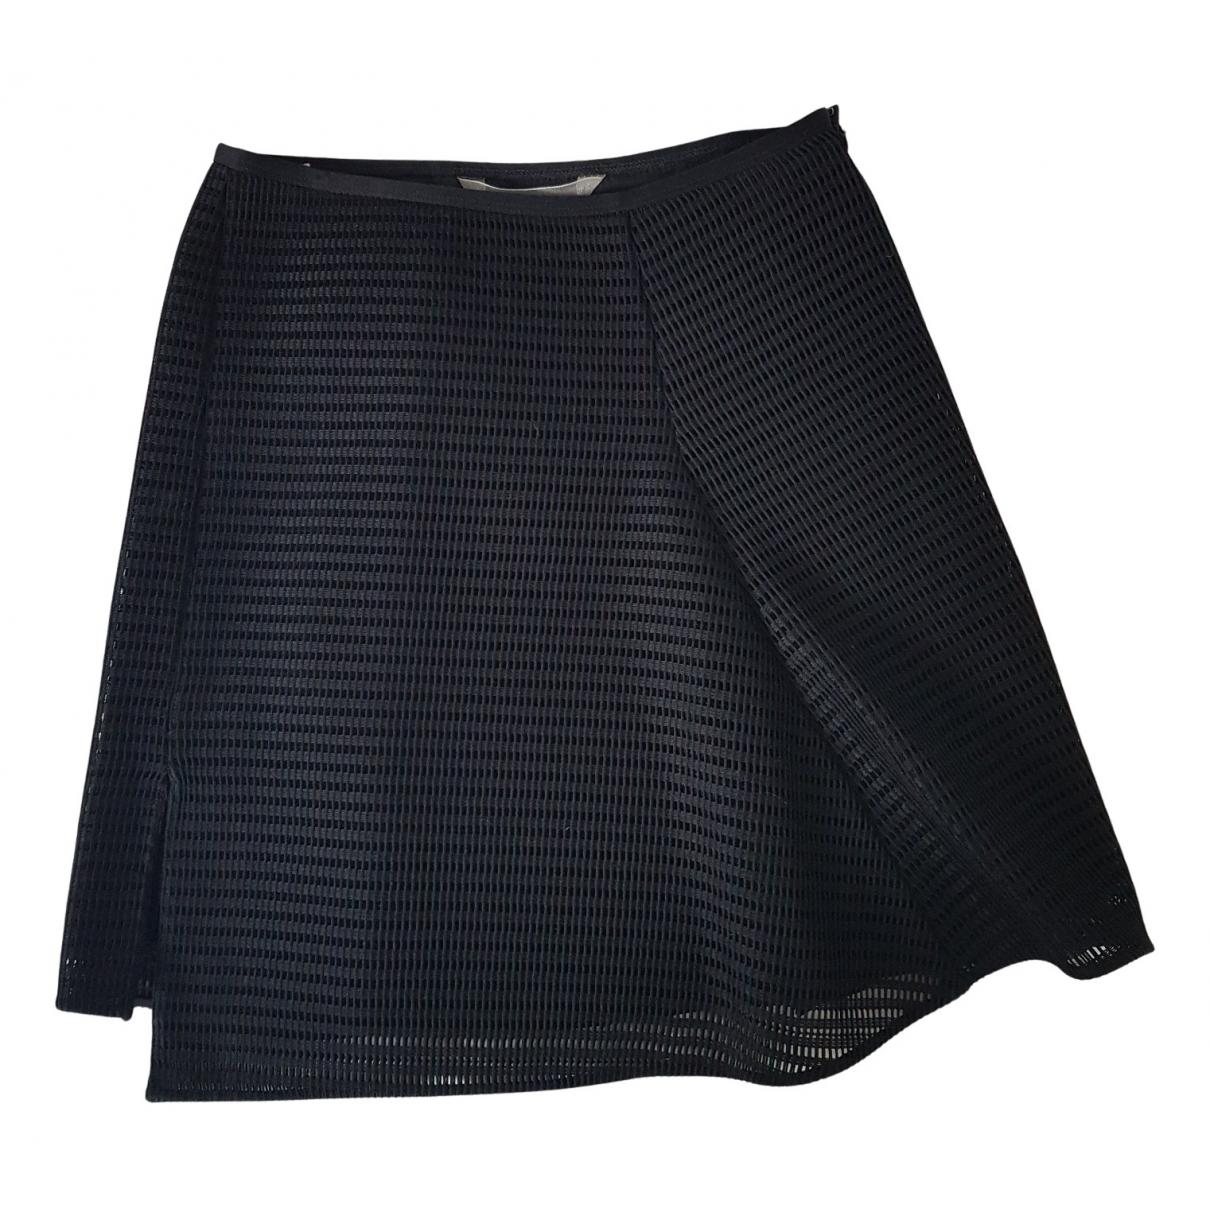 Reed Krakoff N Black skirt for Women 4 US